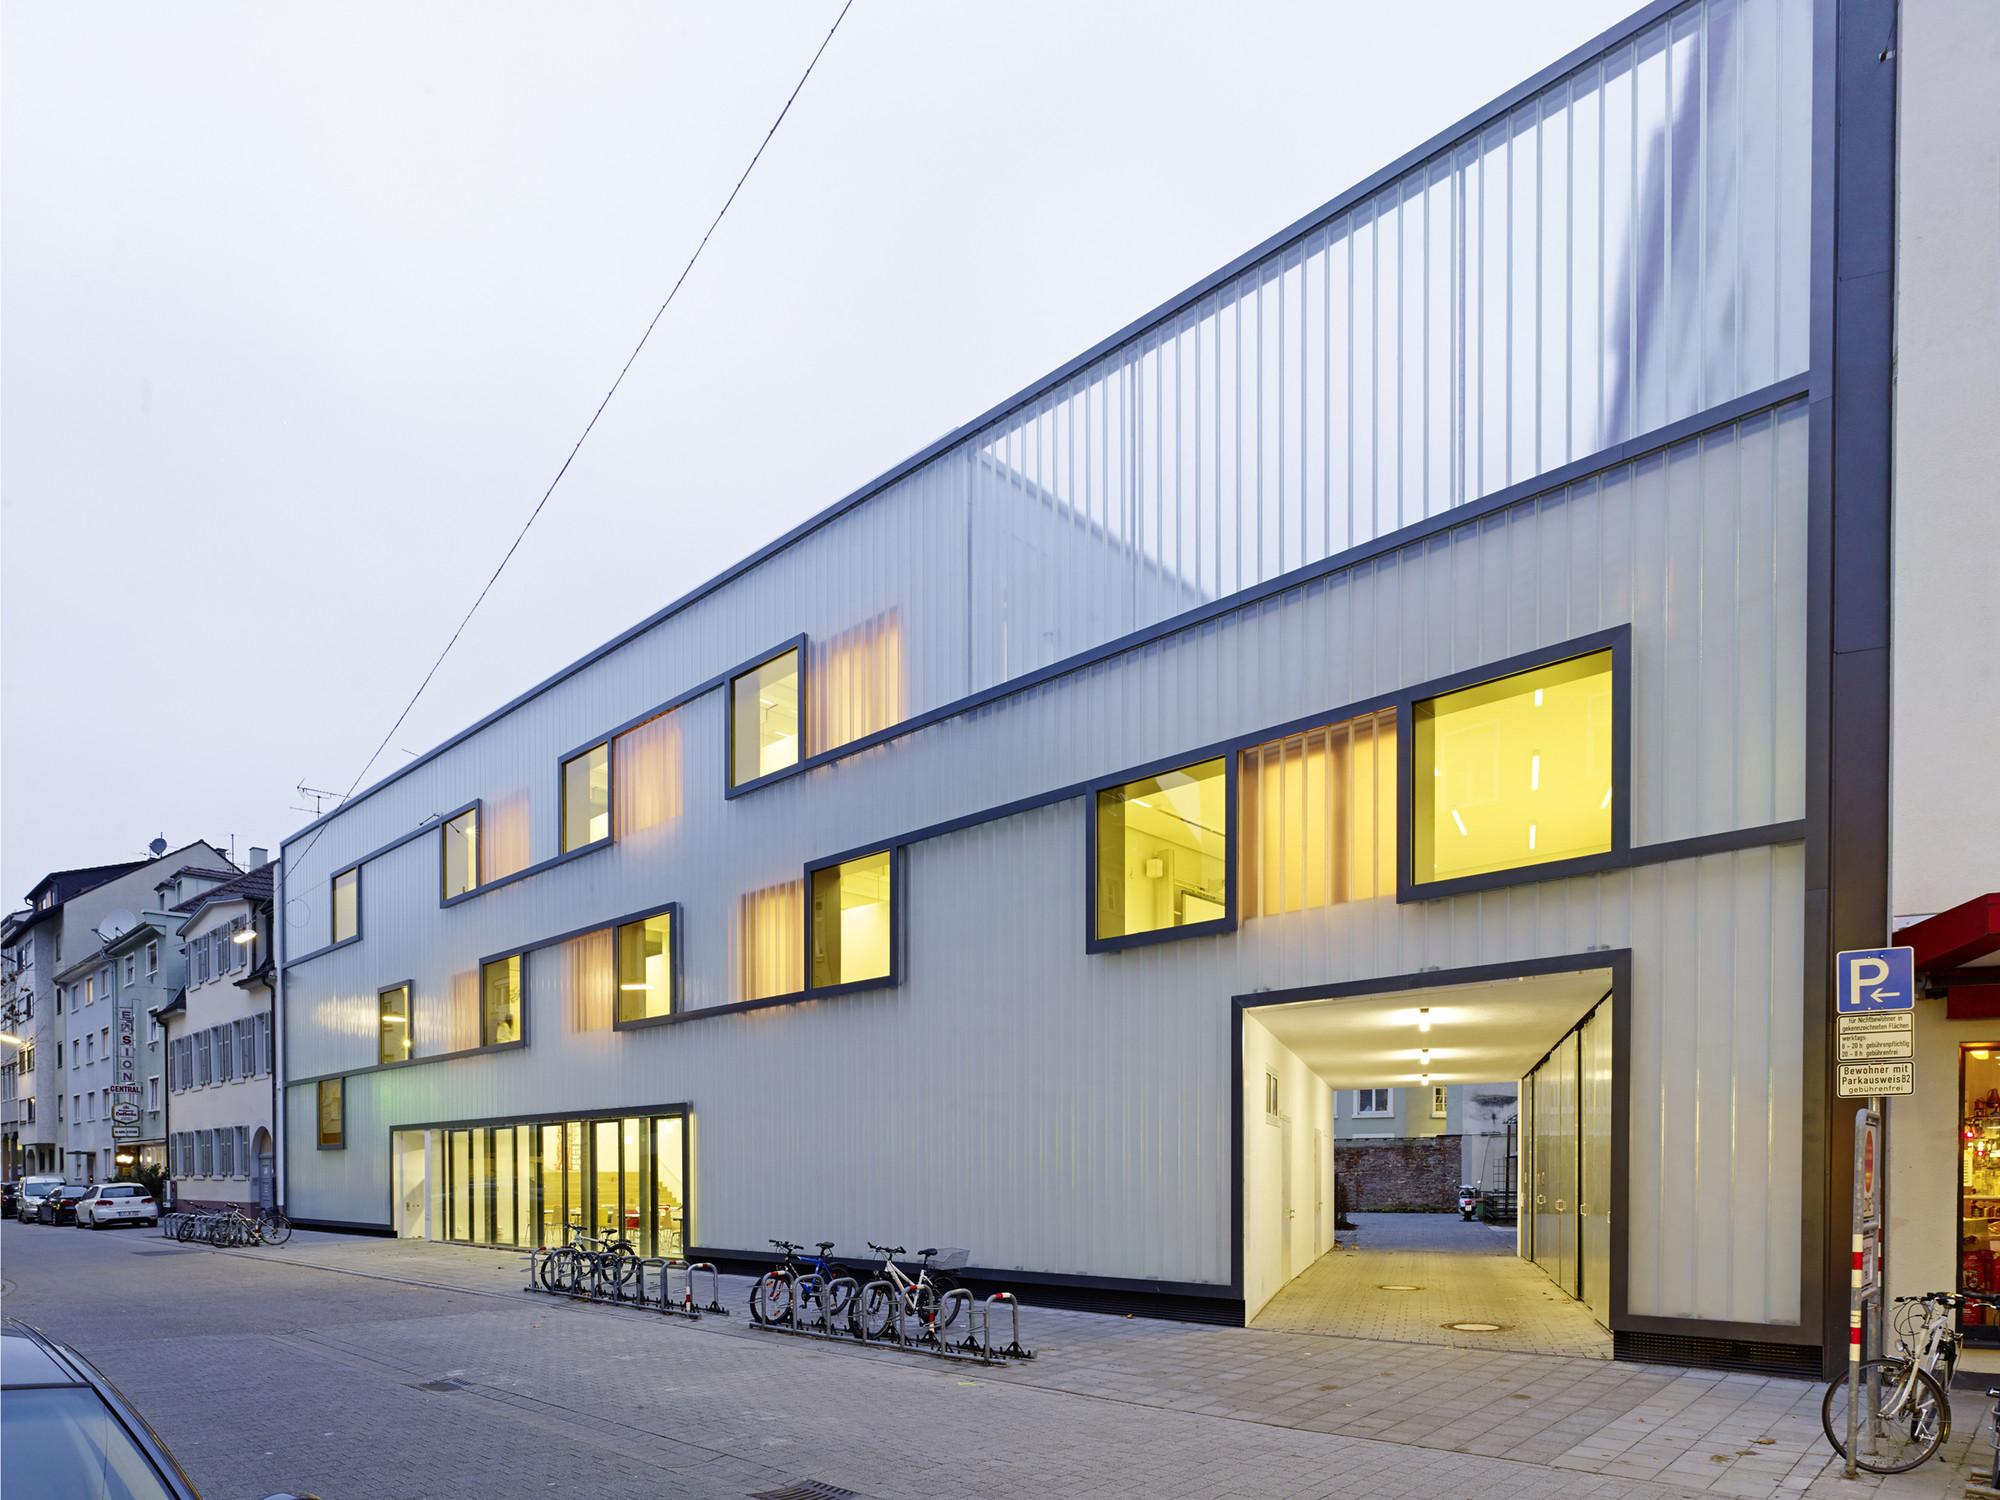 Fichte-Gymnasium Escuela Secundaria  / netzwerkarchitekten, © Jörg Hempel